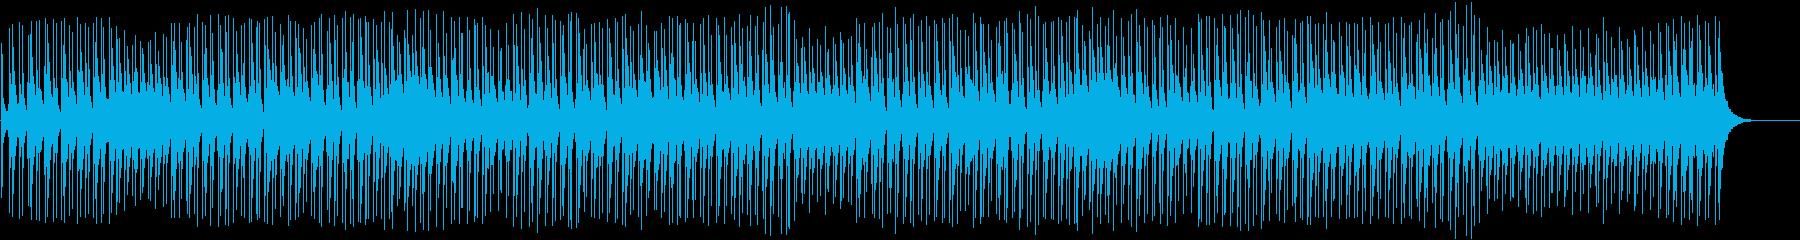 沖縄のエイサー、お祭り風の三線と太鼓の曲の再生済みの波形